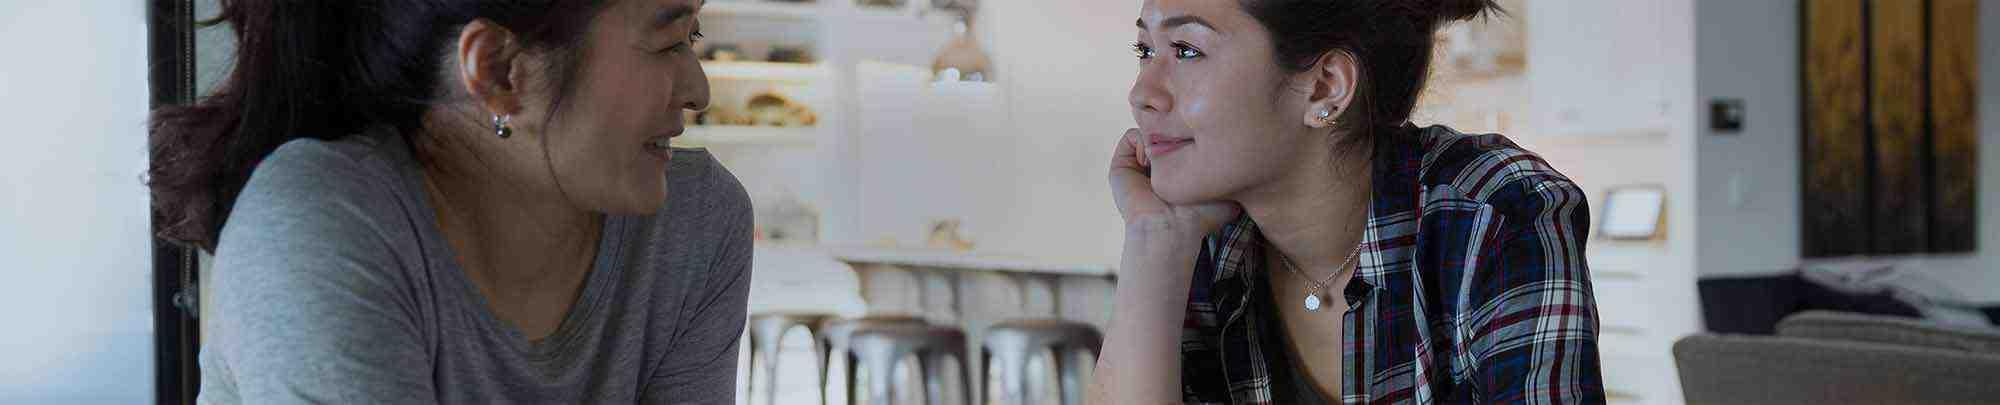 Młoda dziewczyna rozmawiająca z mamą w kuchni